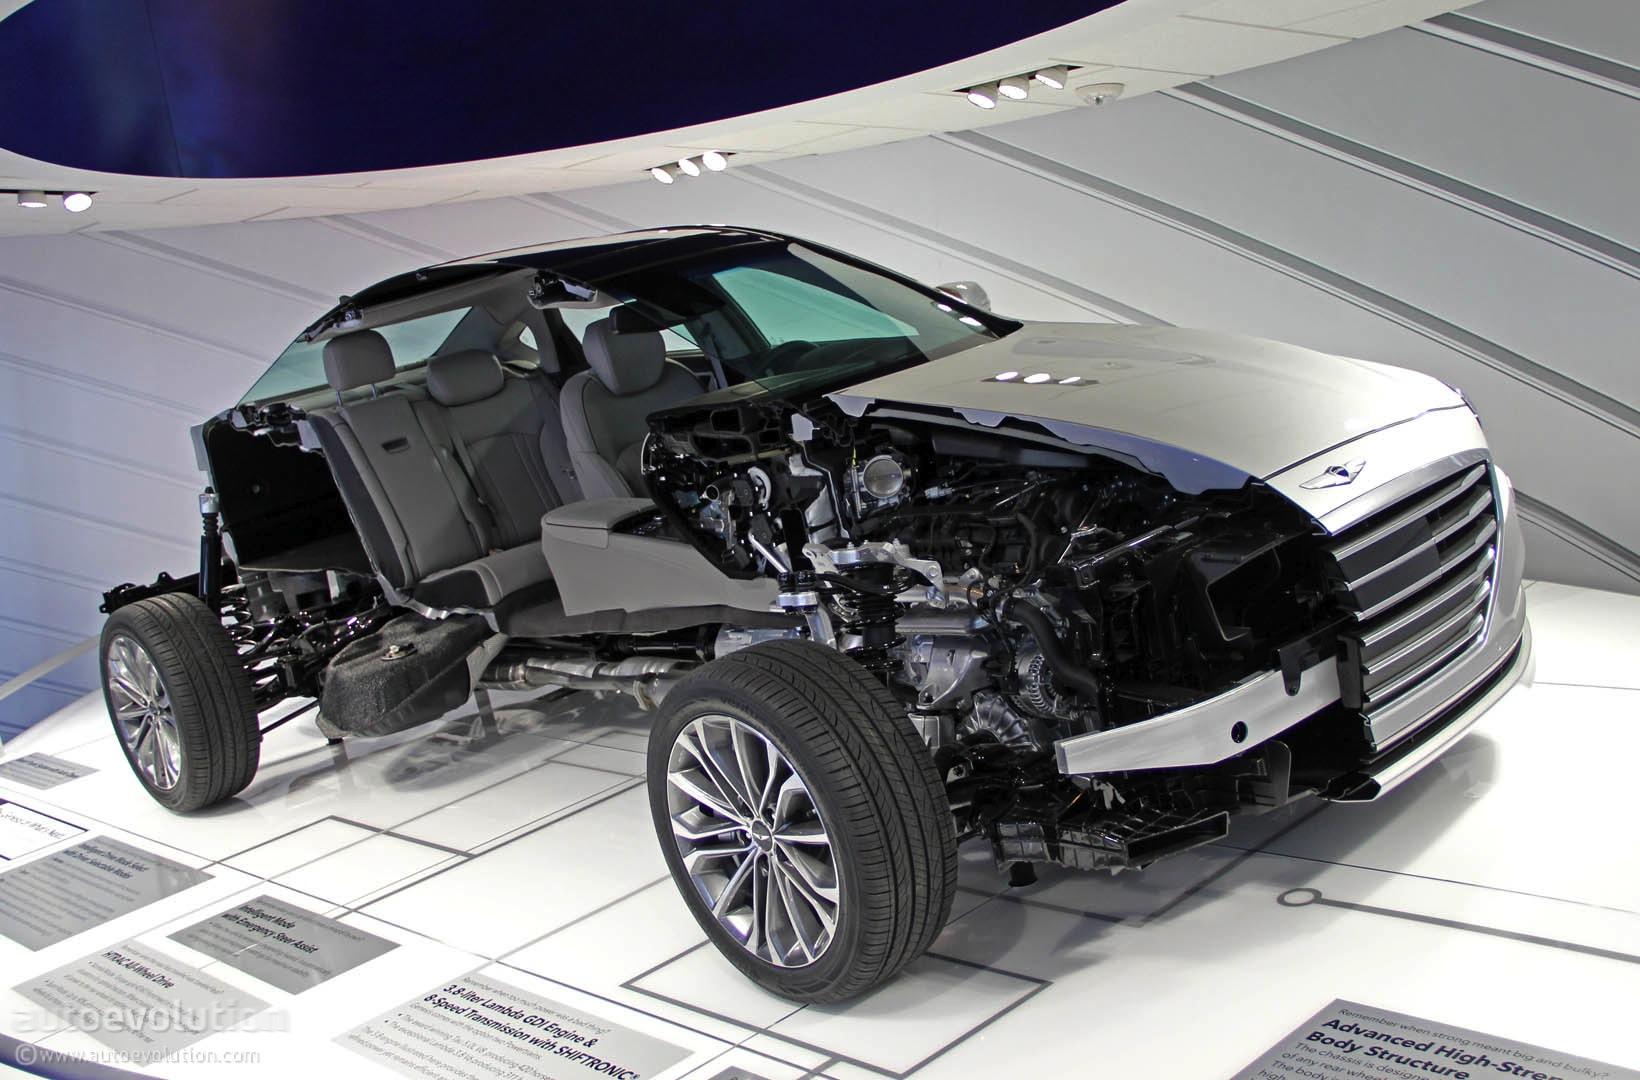 Hyundai Génesis lanzará un rival del Mercedes Clase C, y habrá más modelos 2